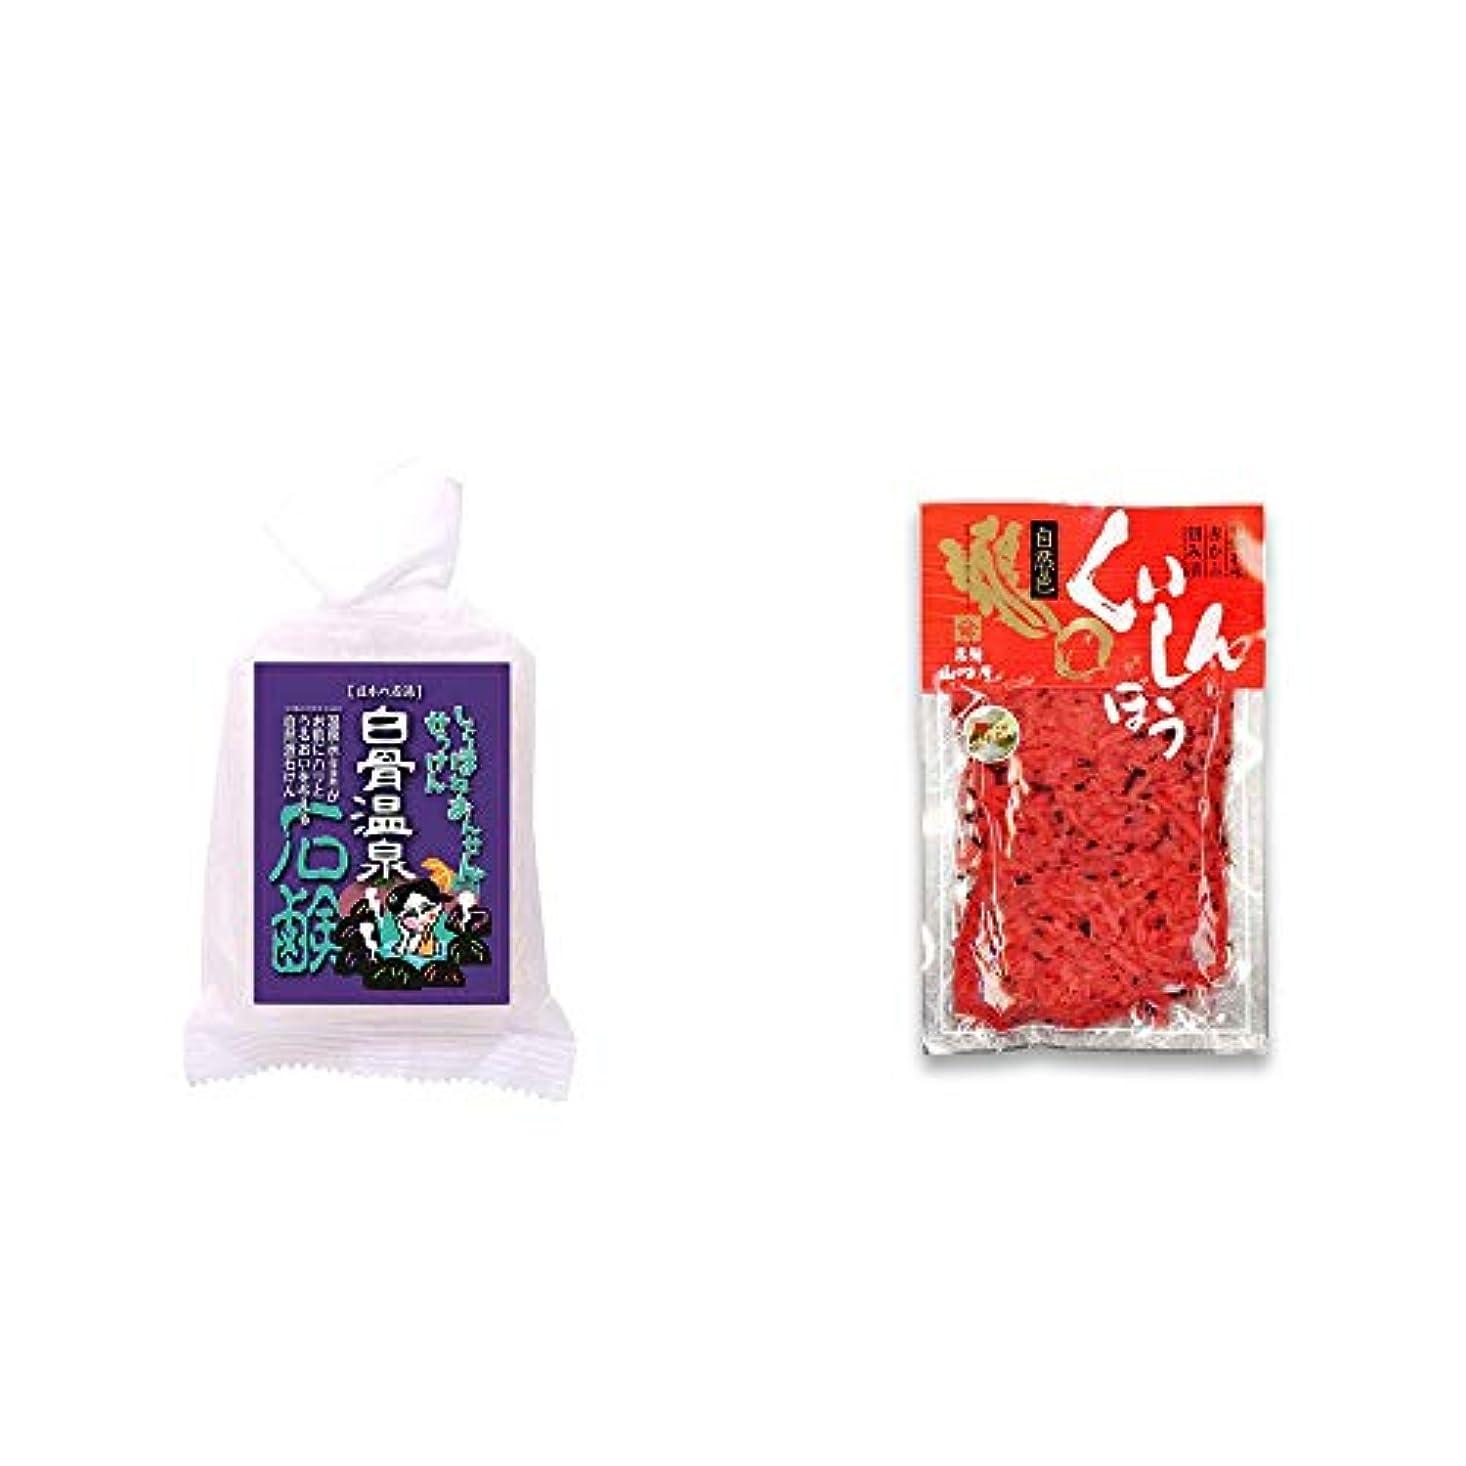 アラームレイア独裁[2点セット] 信州 白骨温泉石鹸(80g)?飛騨山味屋 くいしんぼう【小】 (160g)